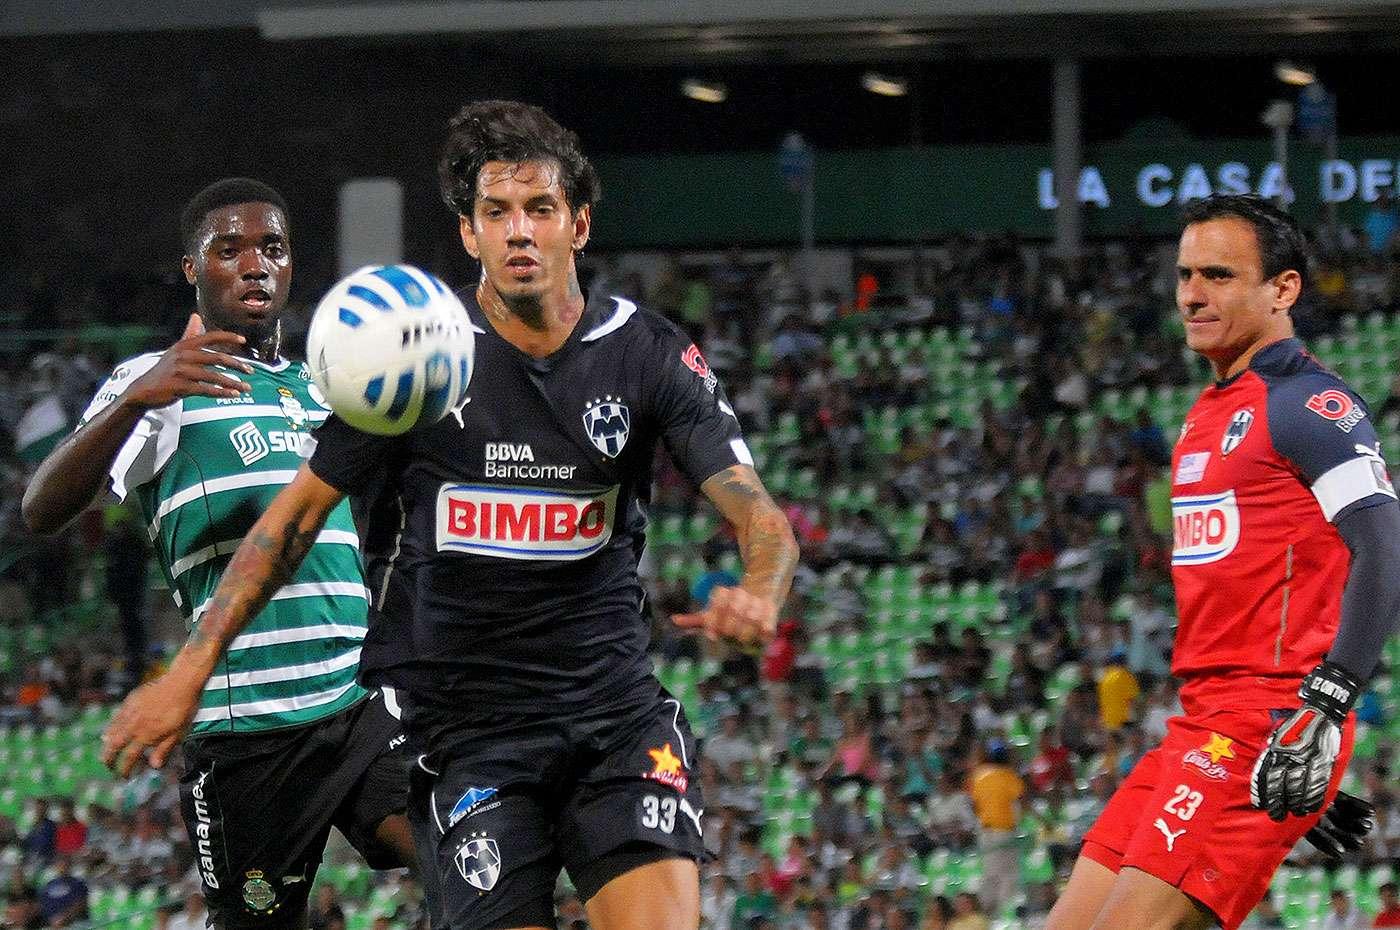 Con goles de Carlos Izquierdoz y Djaniny Tavares, Santos Laguna venció 2-1 a Rayados de Monterrey en el partido de vuelta de la llave 3 del grupo 2 de la Copa MX. El gol de Rayados fue marcado por Gael Acosta. Foto: Mexsport